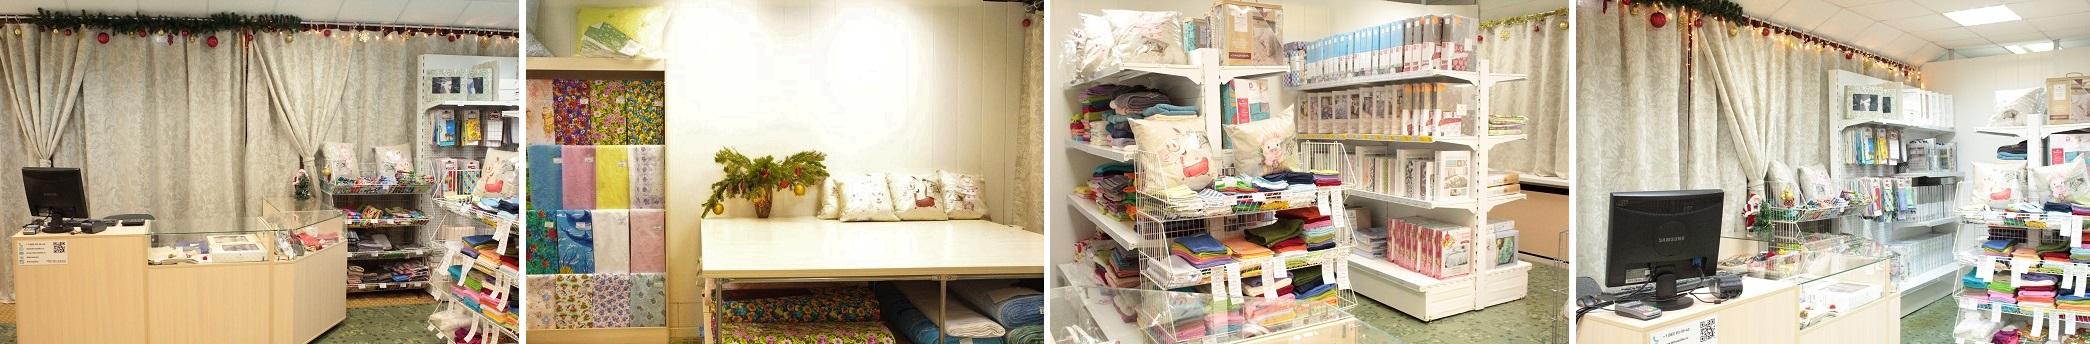 Фотографии розничного магазина Текстильной компании Мозаика